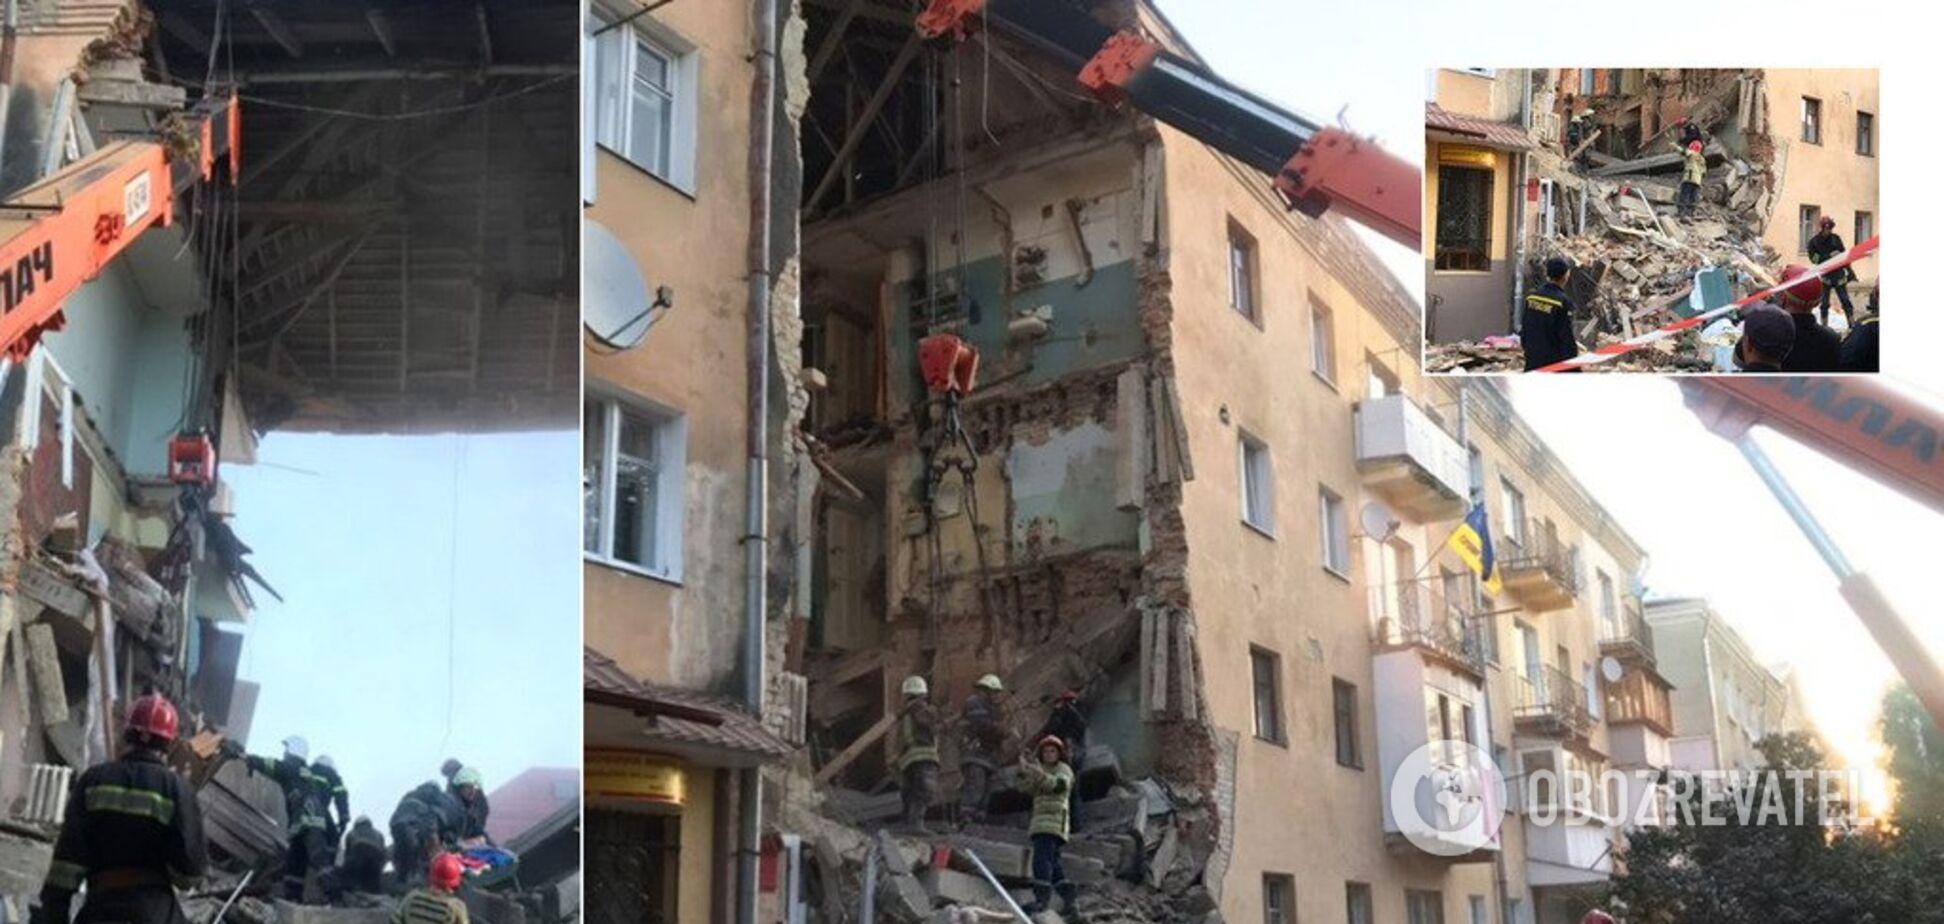 У Дрогобичі обвалився 4-поверховий будинок: є жертви і поранені. Фото та відео з місця НП